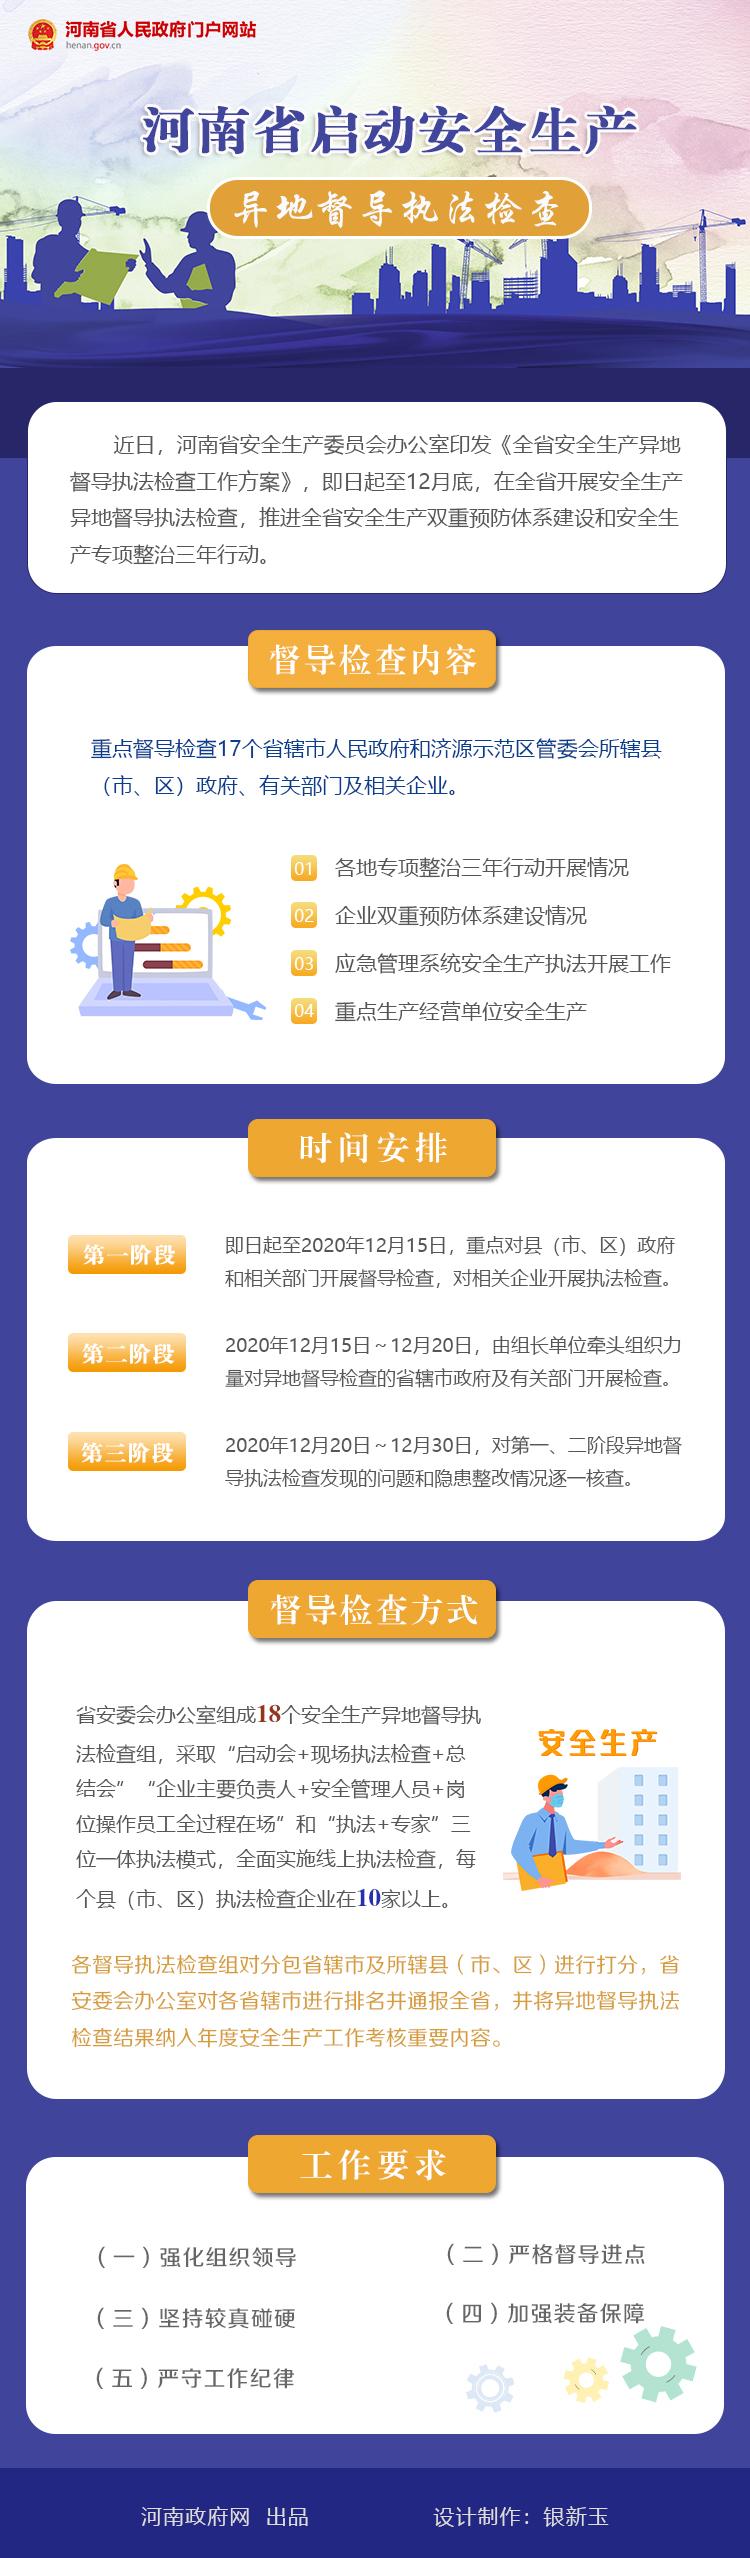 图解:河南省启动安全生产异地督导执法检查